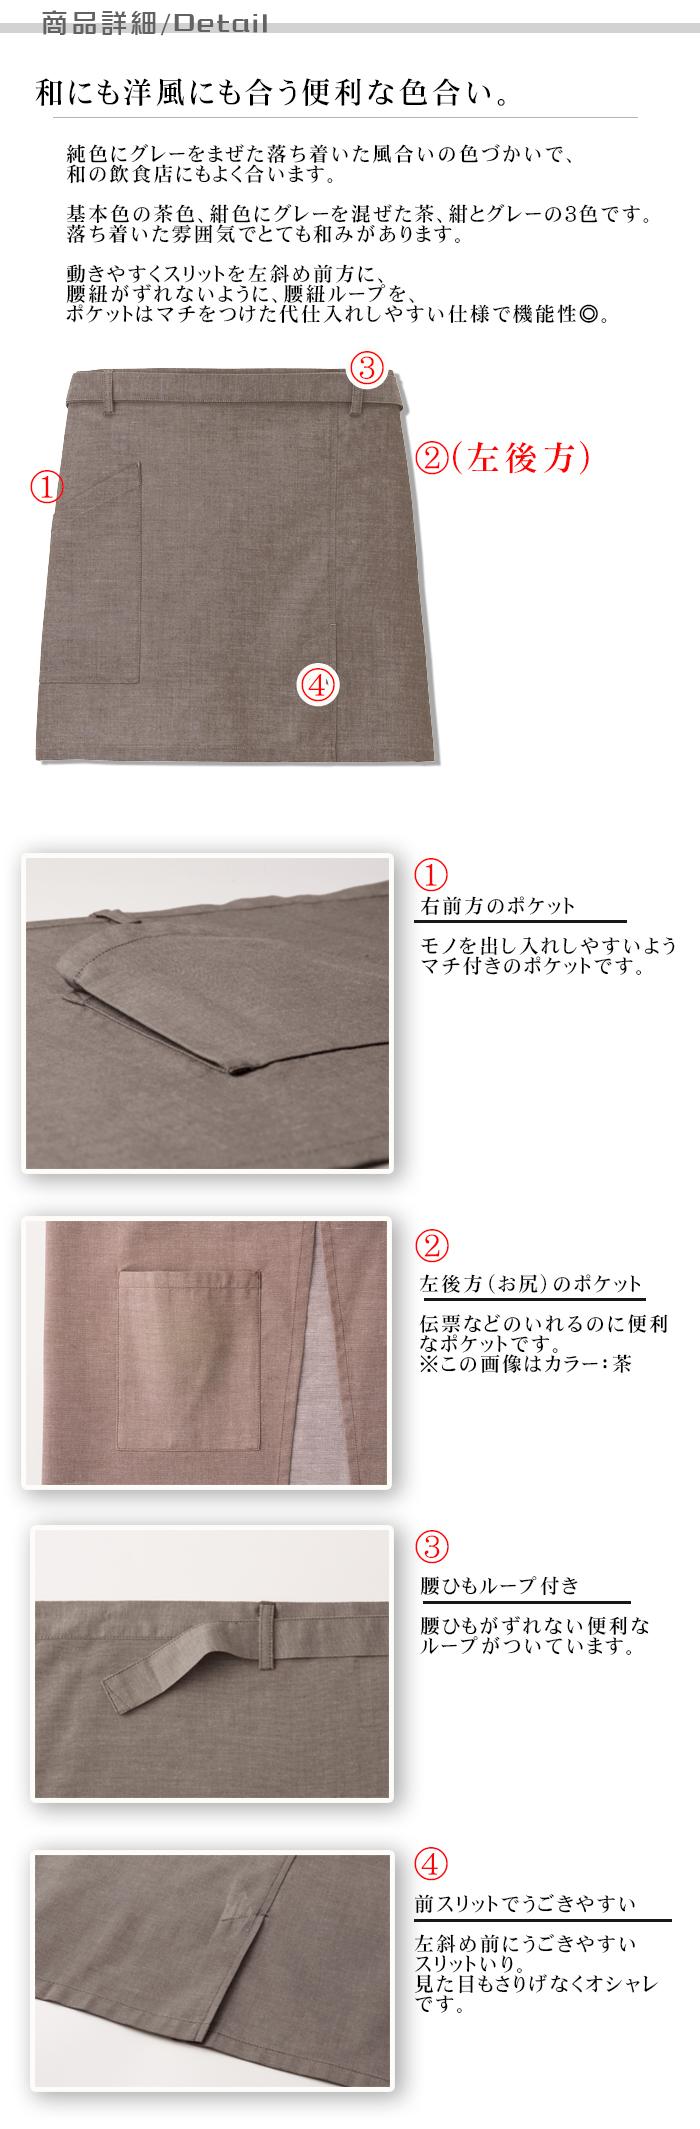 飲食店販売店制服ショートエプロン 落ち着いた色3色 和にも洋風にも使える便利前掛け  商品詳細説明